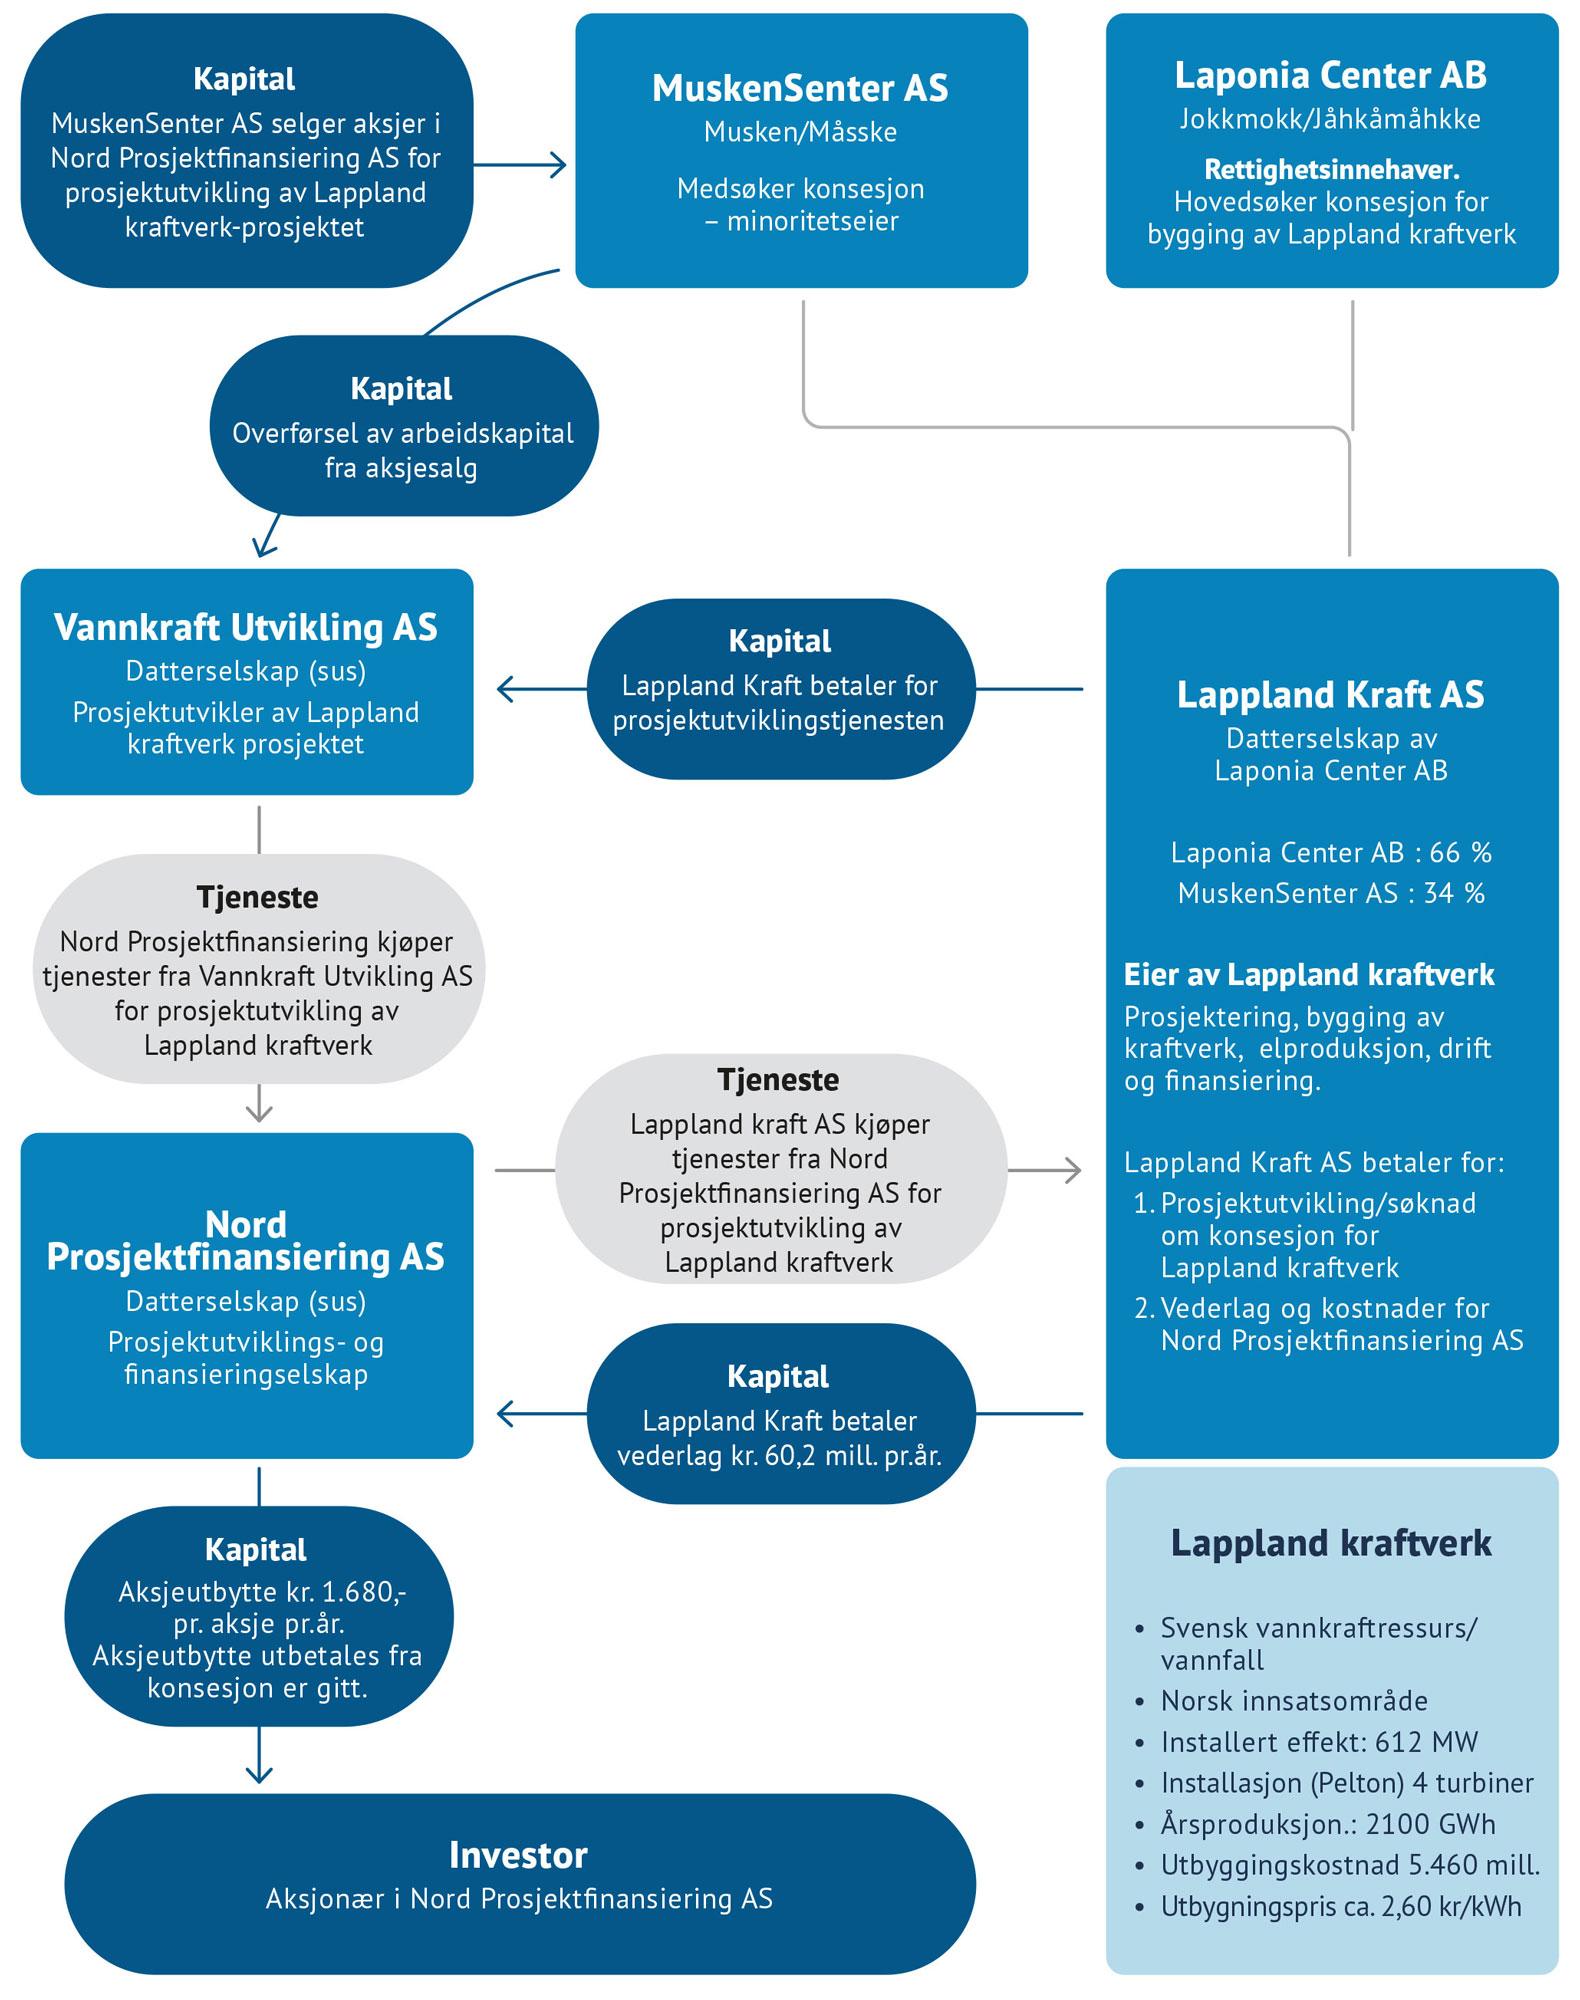 Organisasjonskart og finansieringsmodell for prosjektutvikling/søknad om konsesjon